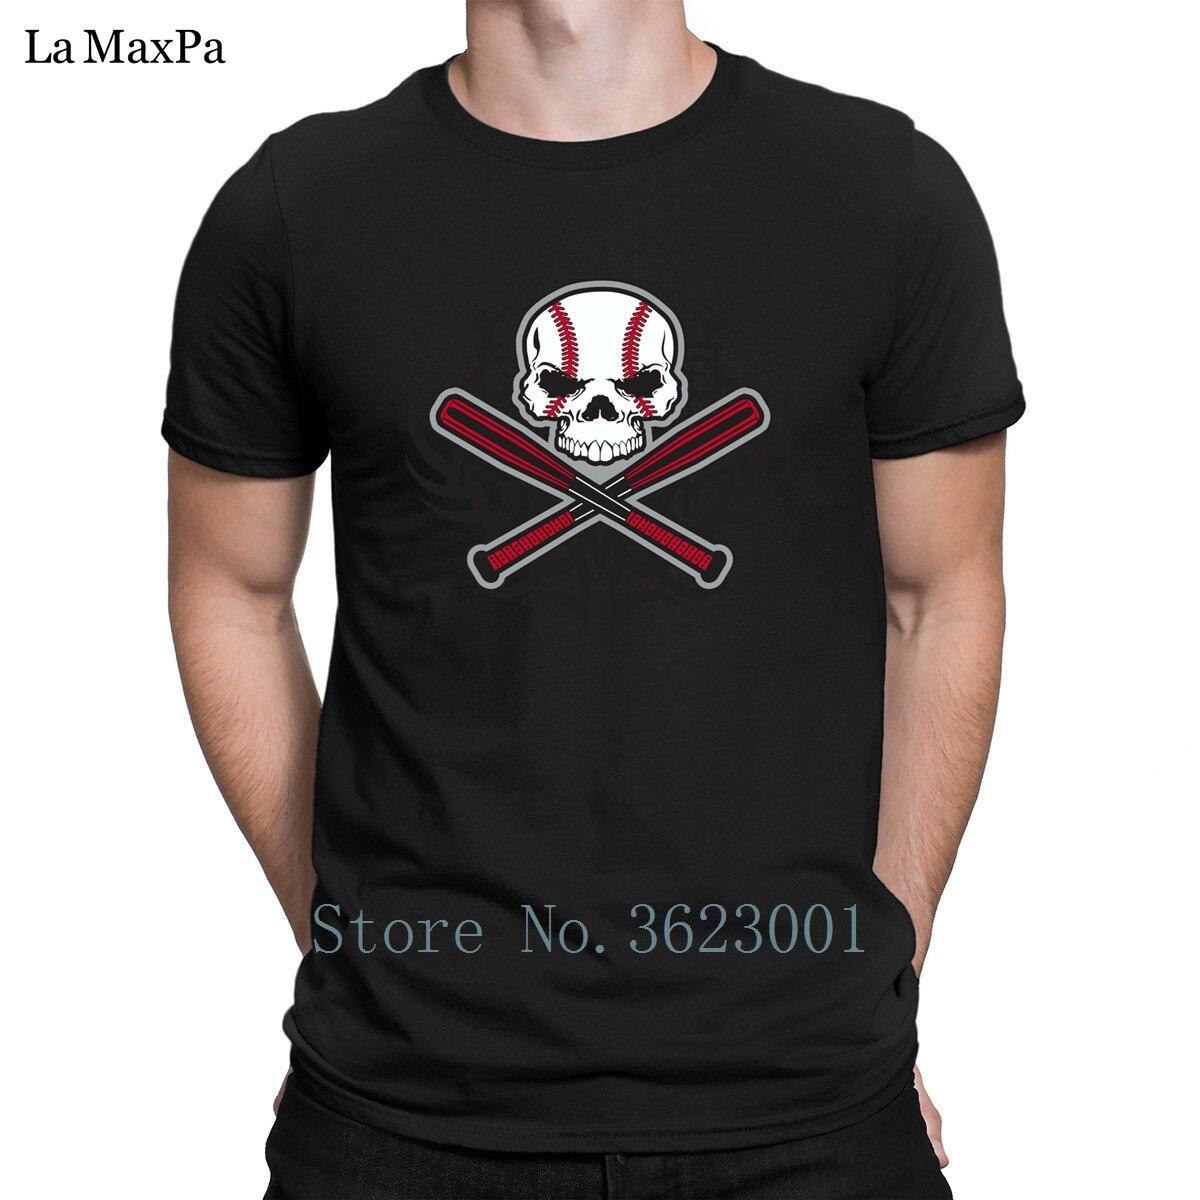 Creature установлены футболку для Для мужчин Мячи череп и летучих мышей футболка человек летняя футболка Мода Для мужчин футболка плюс Размеры ...